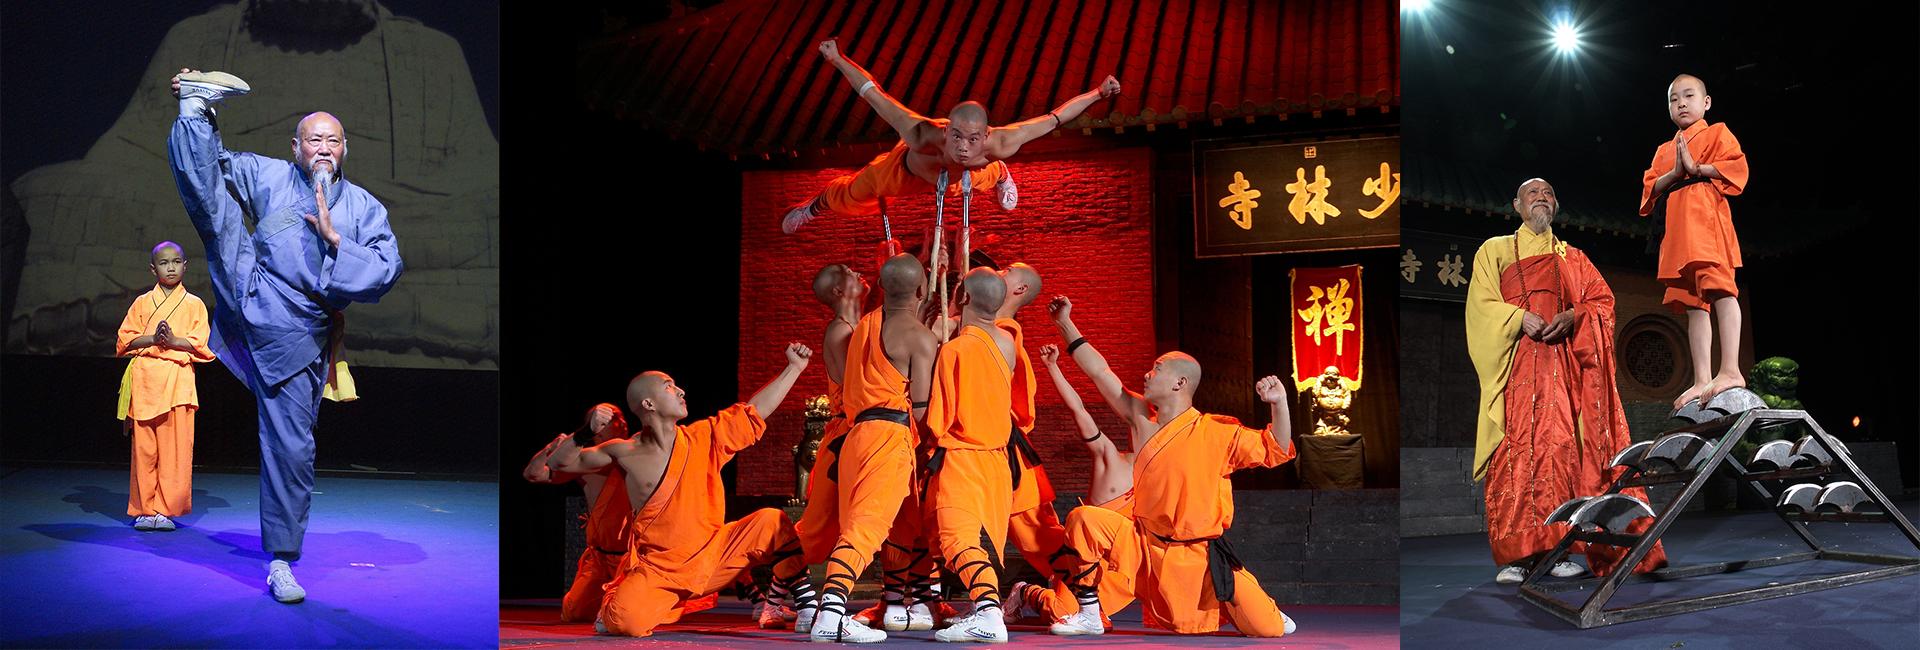 Shaolin-Mönche-Show